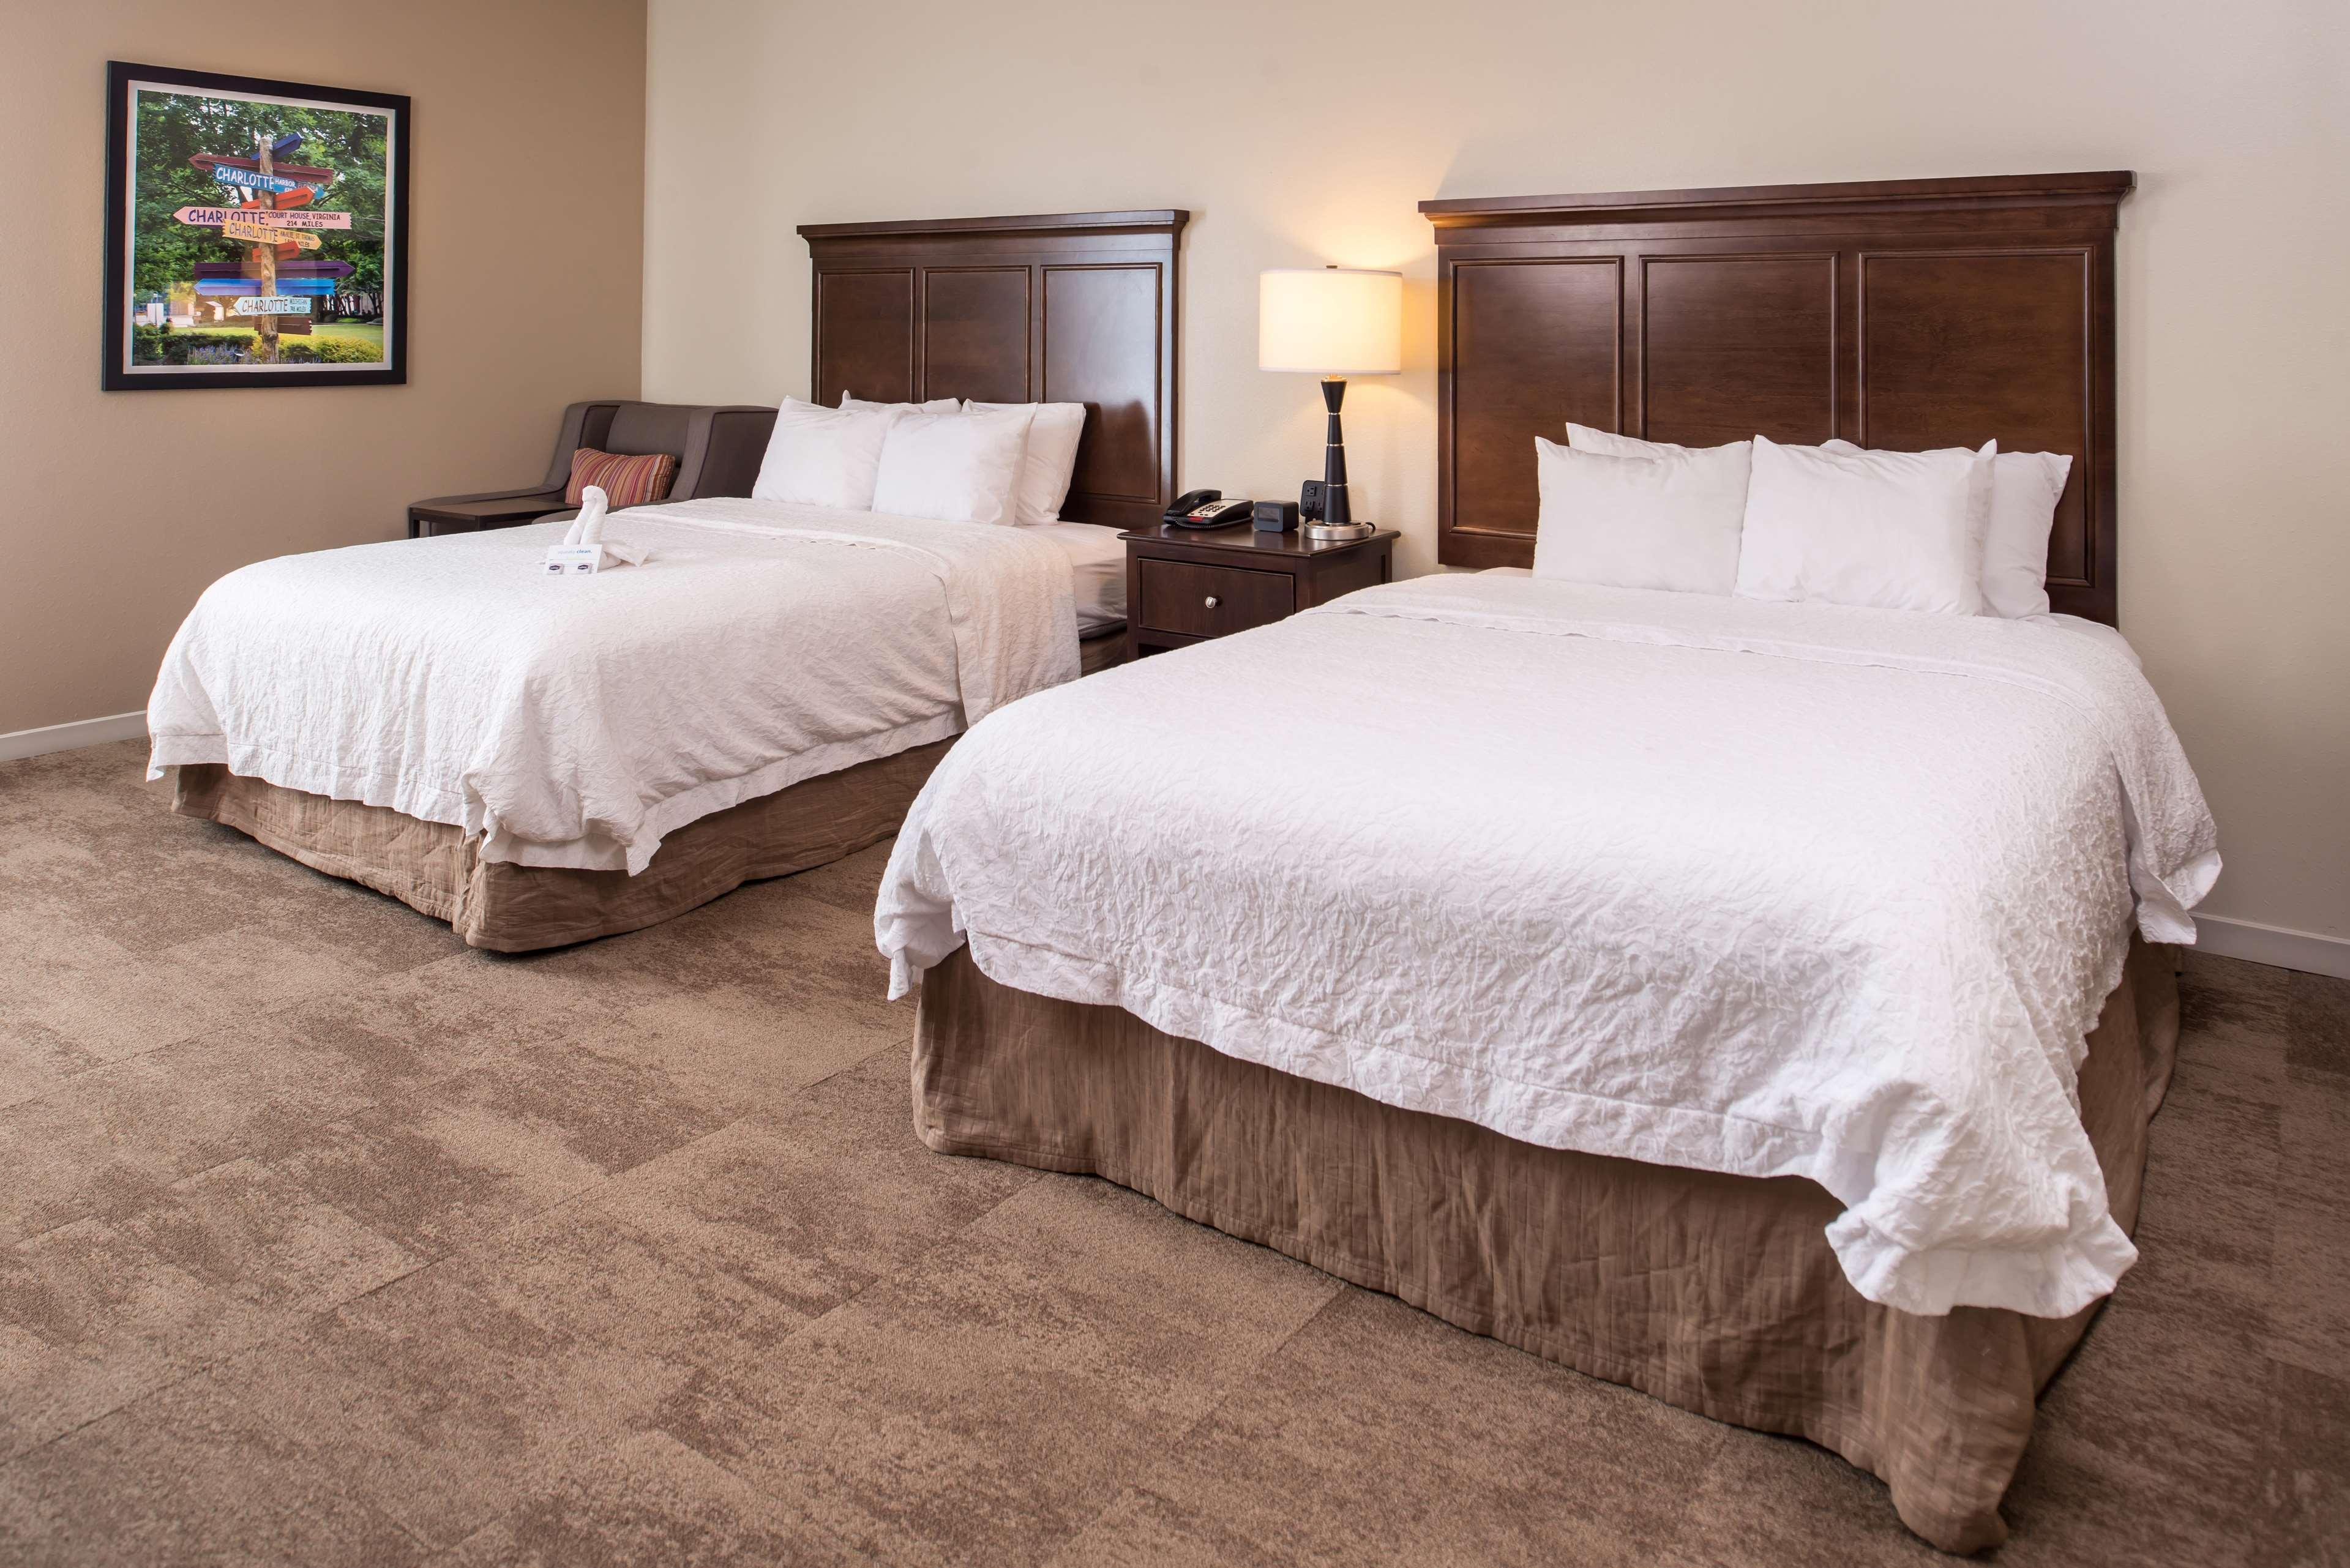 Hampton Inn & Suites Charlotte-Arrowood Rd. image 45